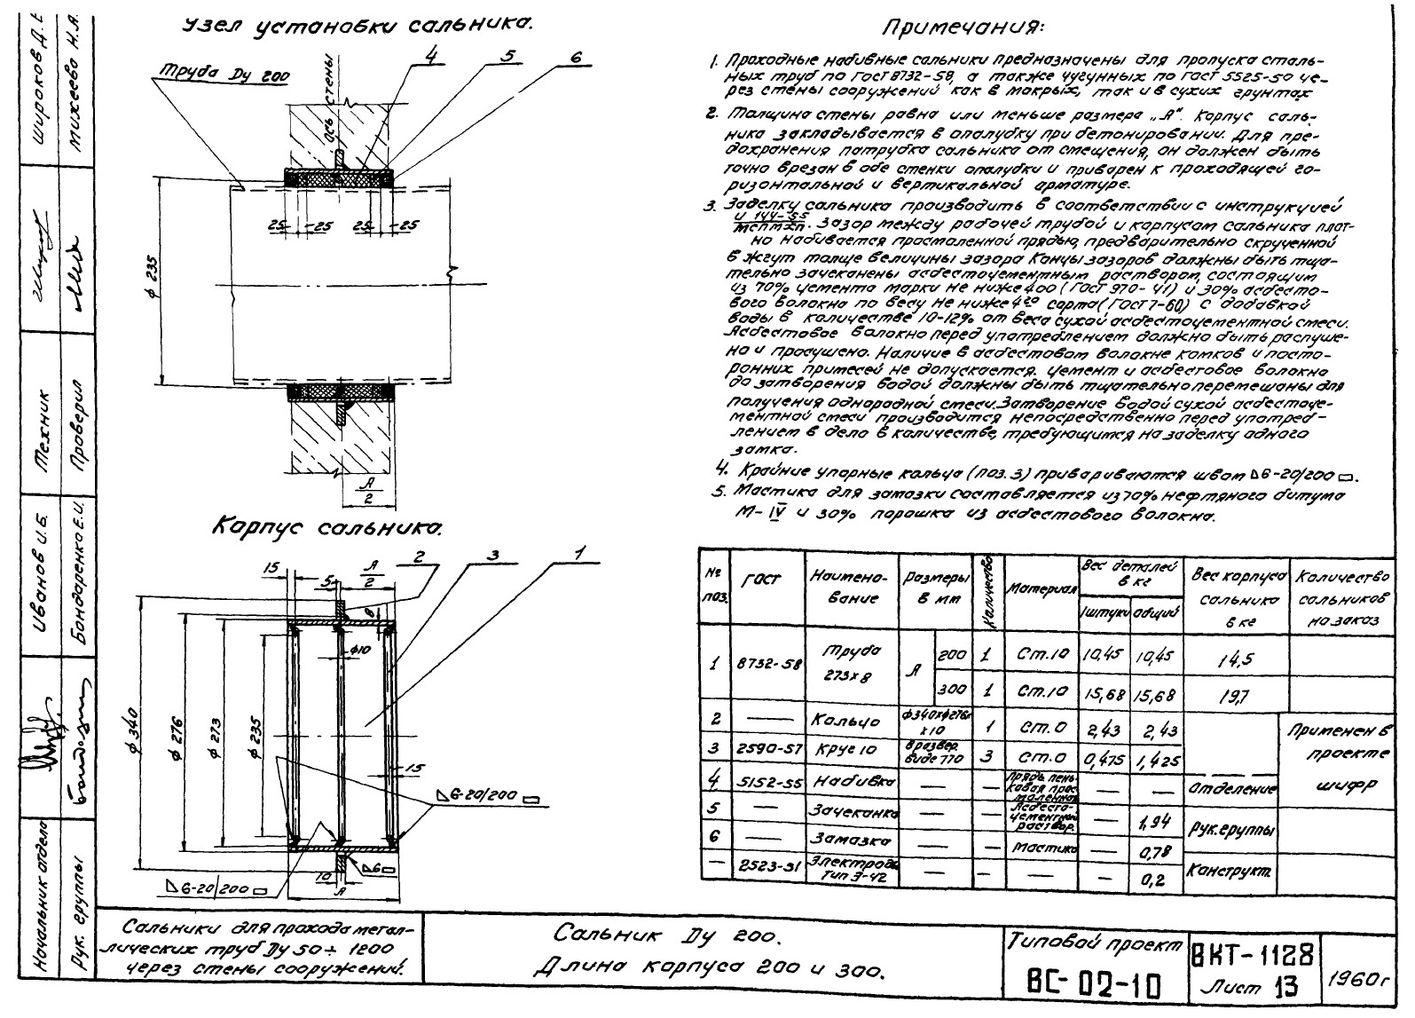 Сальники набивные L = 200 мм типовой проект ВС-02-10 стр.6